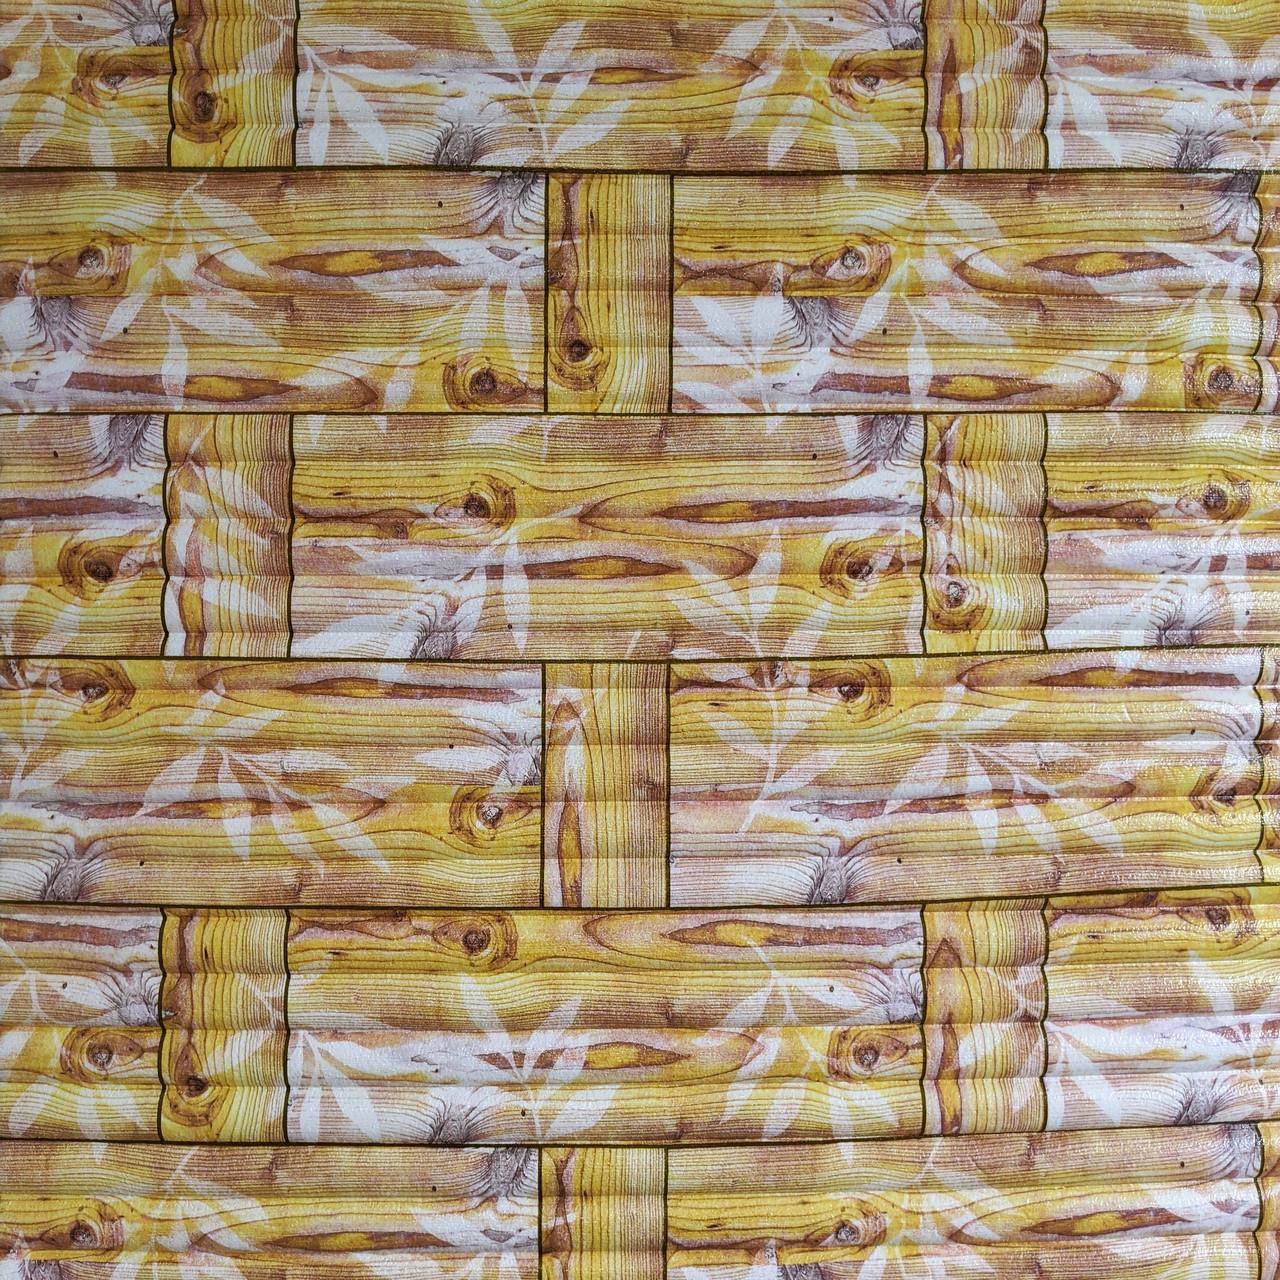 Самоклеюча декоративна 3D панель бамбукова кладка жовта 700x700x8.5мм